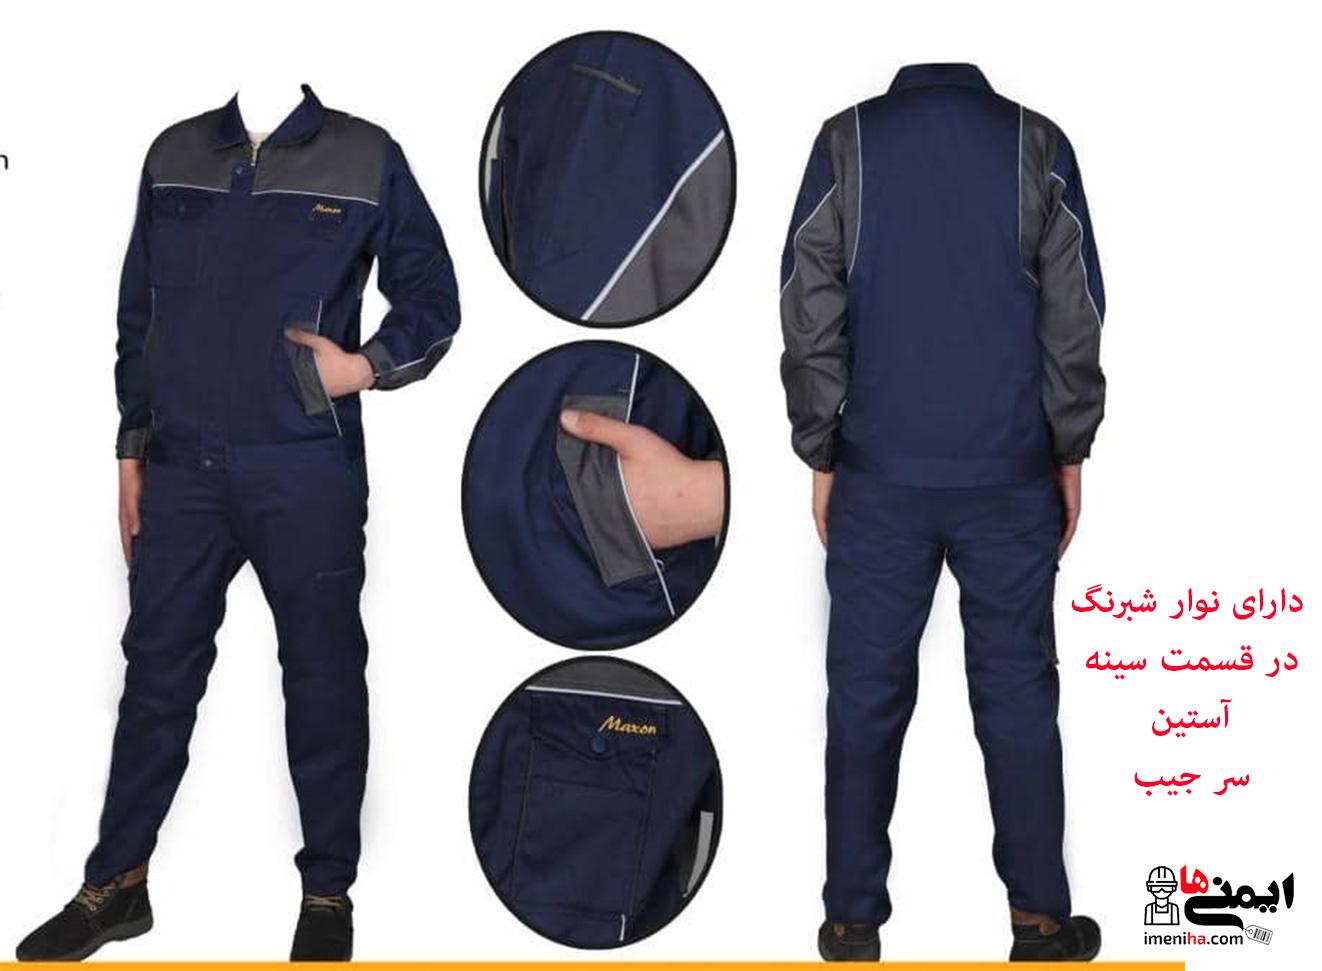 لباس کار دو تیکه مهندسی